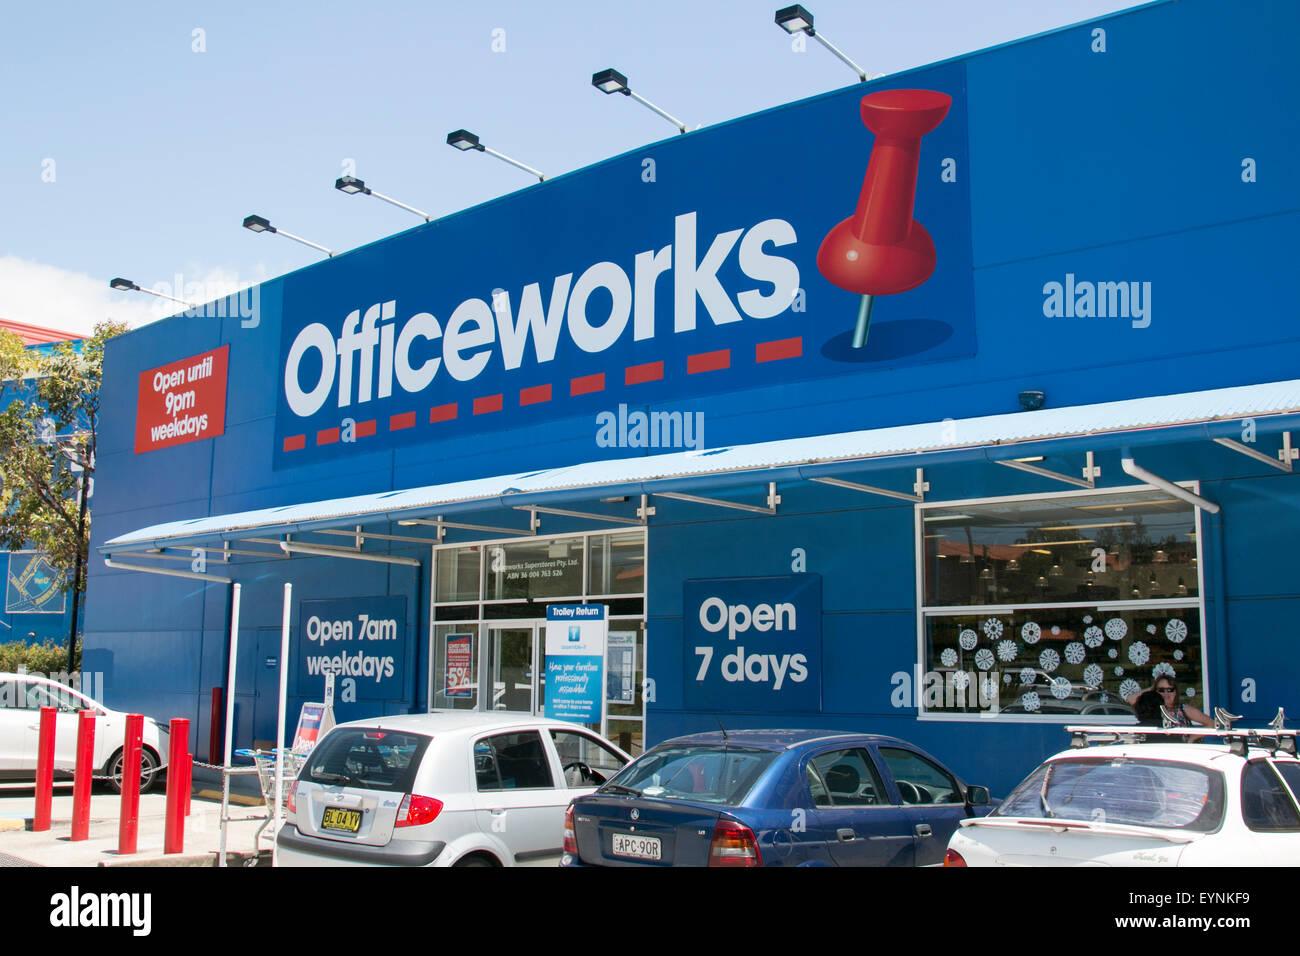 Officeworks papeterie extérieur, Nouvelle Galles du Sud, Australie Photo Stock